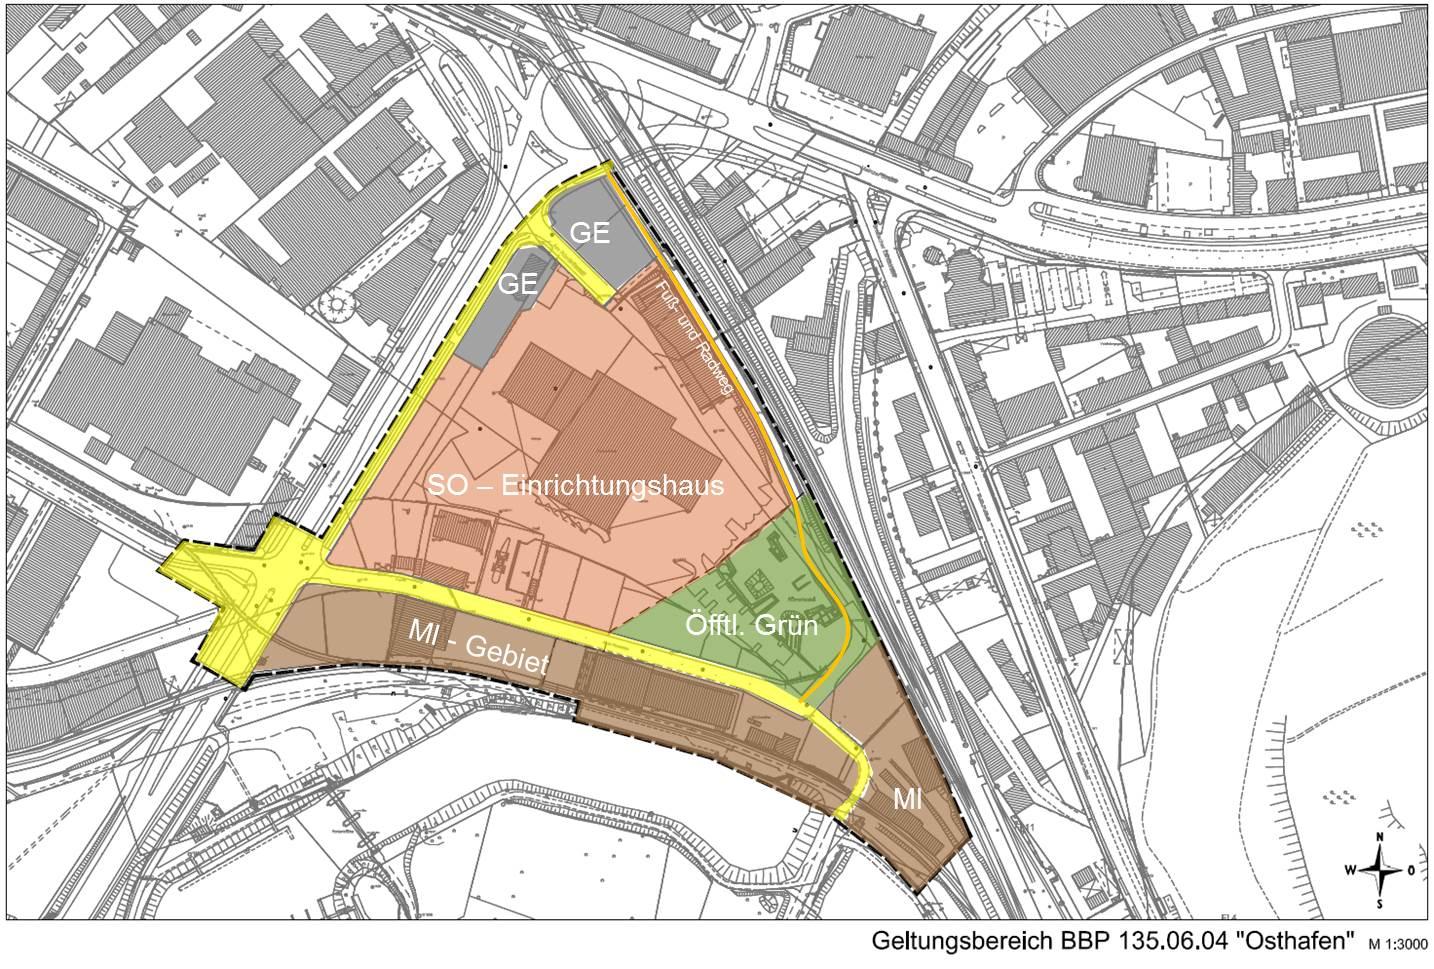 Möbel Martin Saarbrücken landeshauptstadt stellt bebauungsplanverfahren osthafen vor